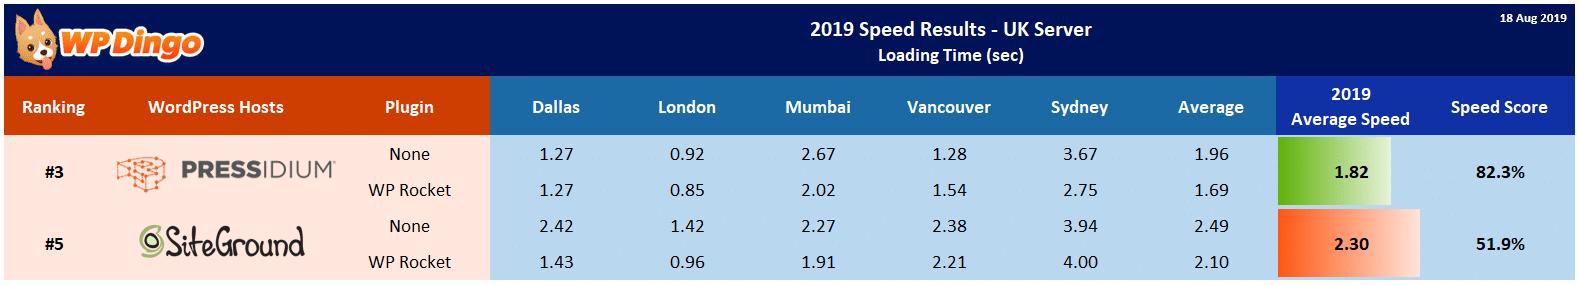 2019 Pressidium vs SiteGround Speed Table - UK Server